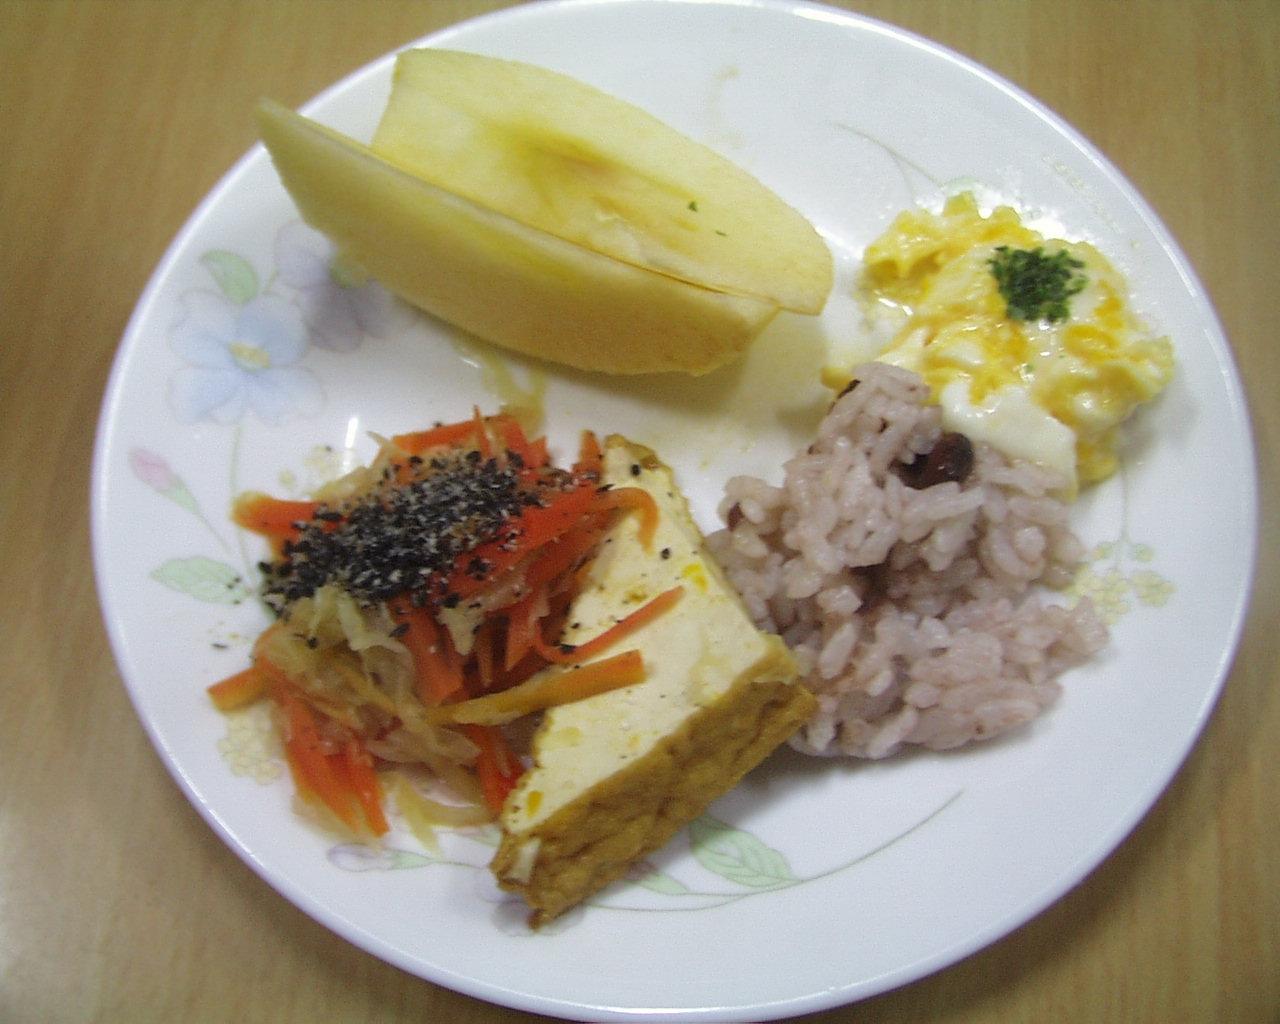 赤飯、厚揚げ、大根、にんじんの添え物